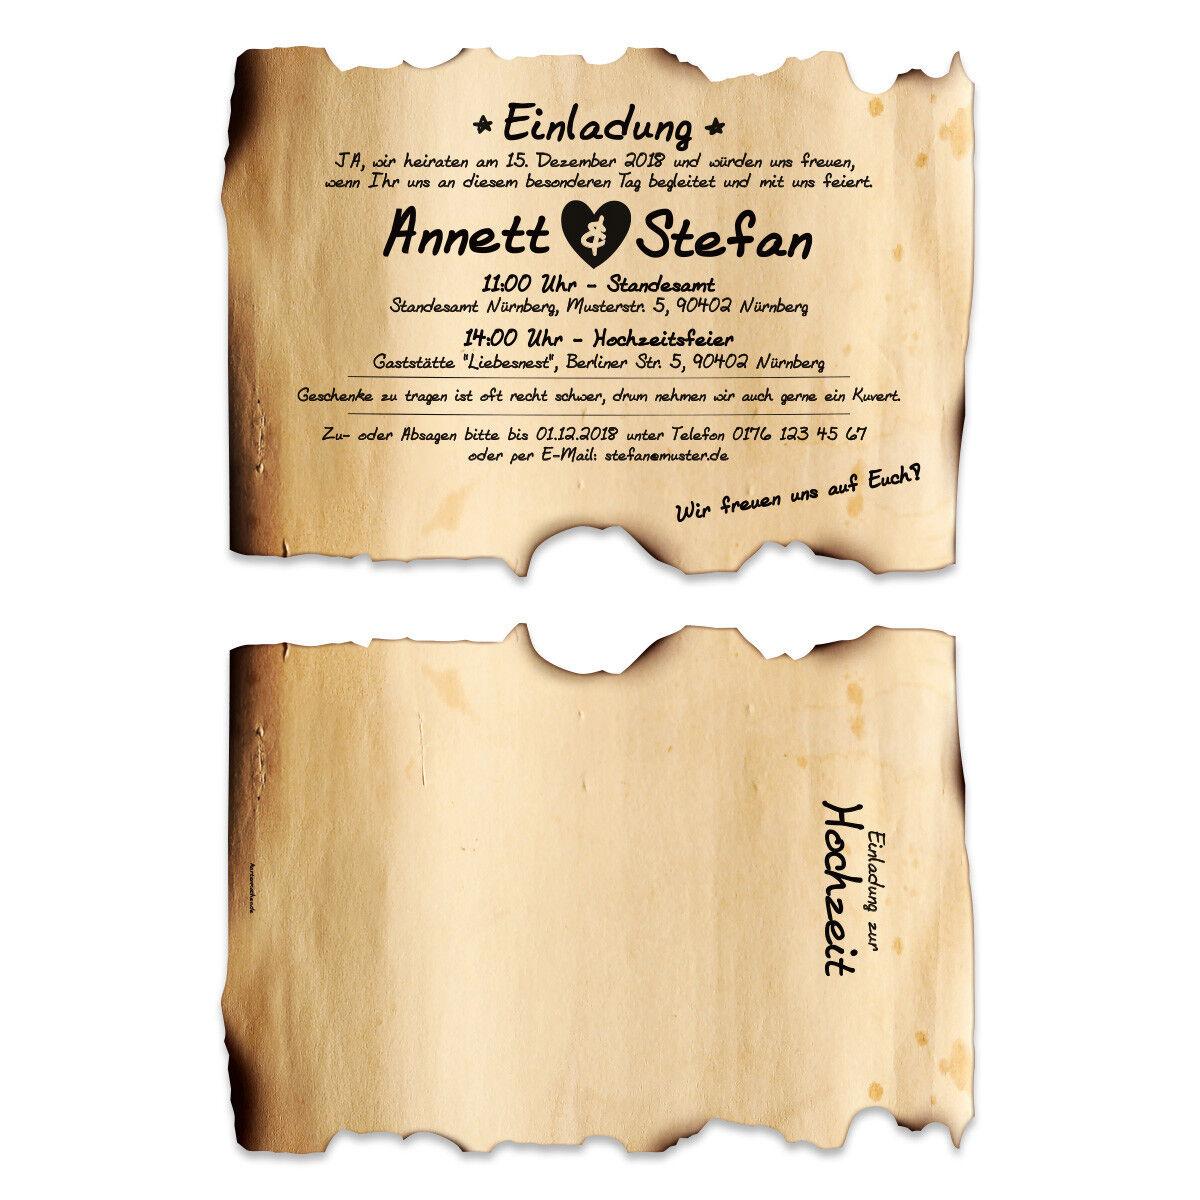 Lasergeschnittene Hochzeitseinladungen Einladungskarten - Vintage Flaschenpost   | Der Schatz des Kindes, unser Glück  | Hochwertige Produkte